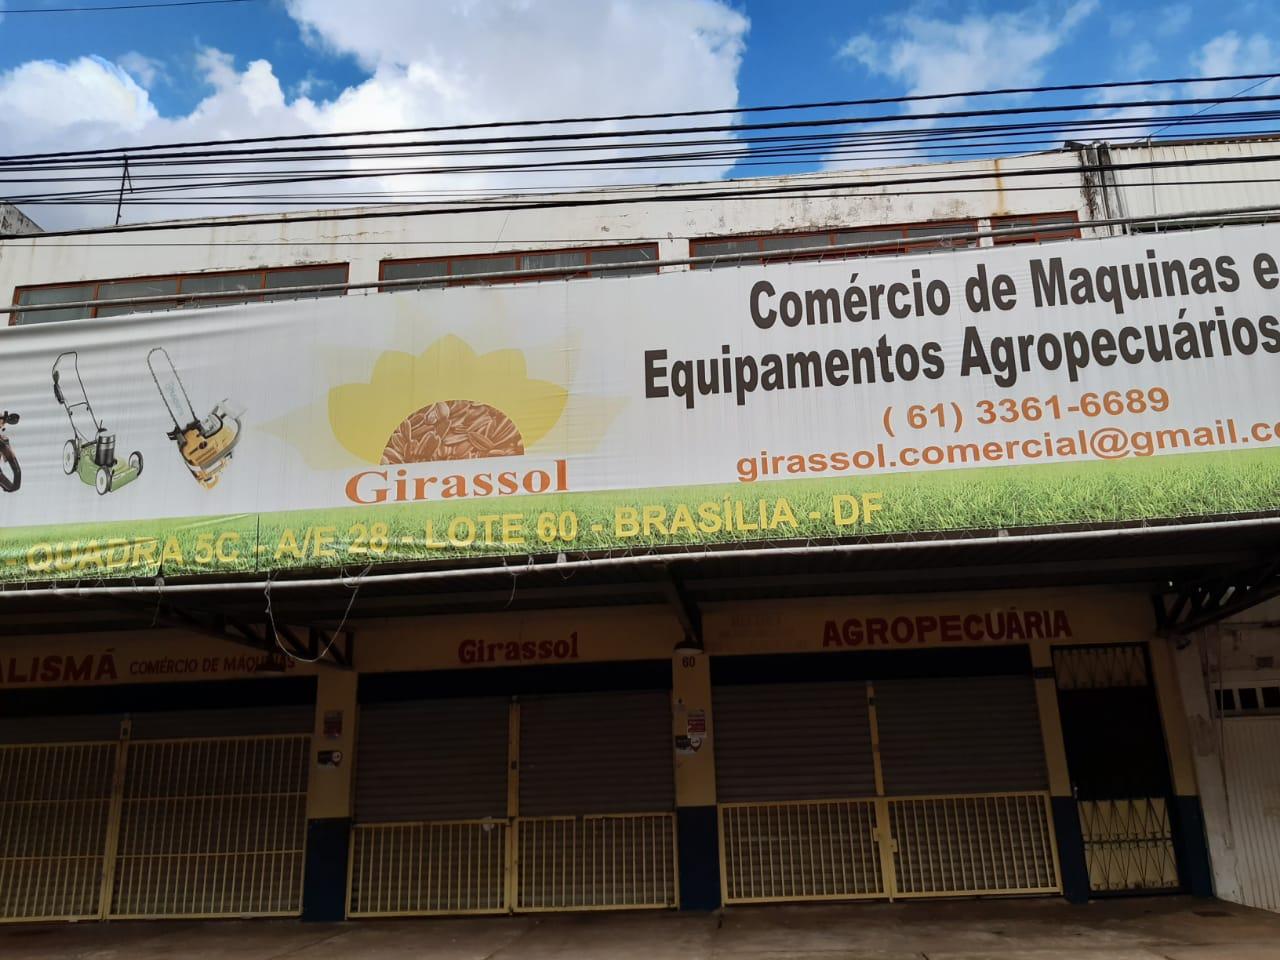 Girassol Comércio de máquinas e equipamentos agrícolas, SIA Trecho 5, Comercio Brasilia